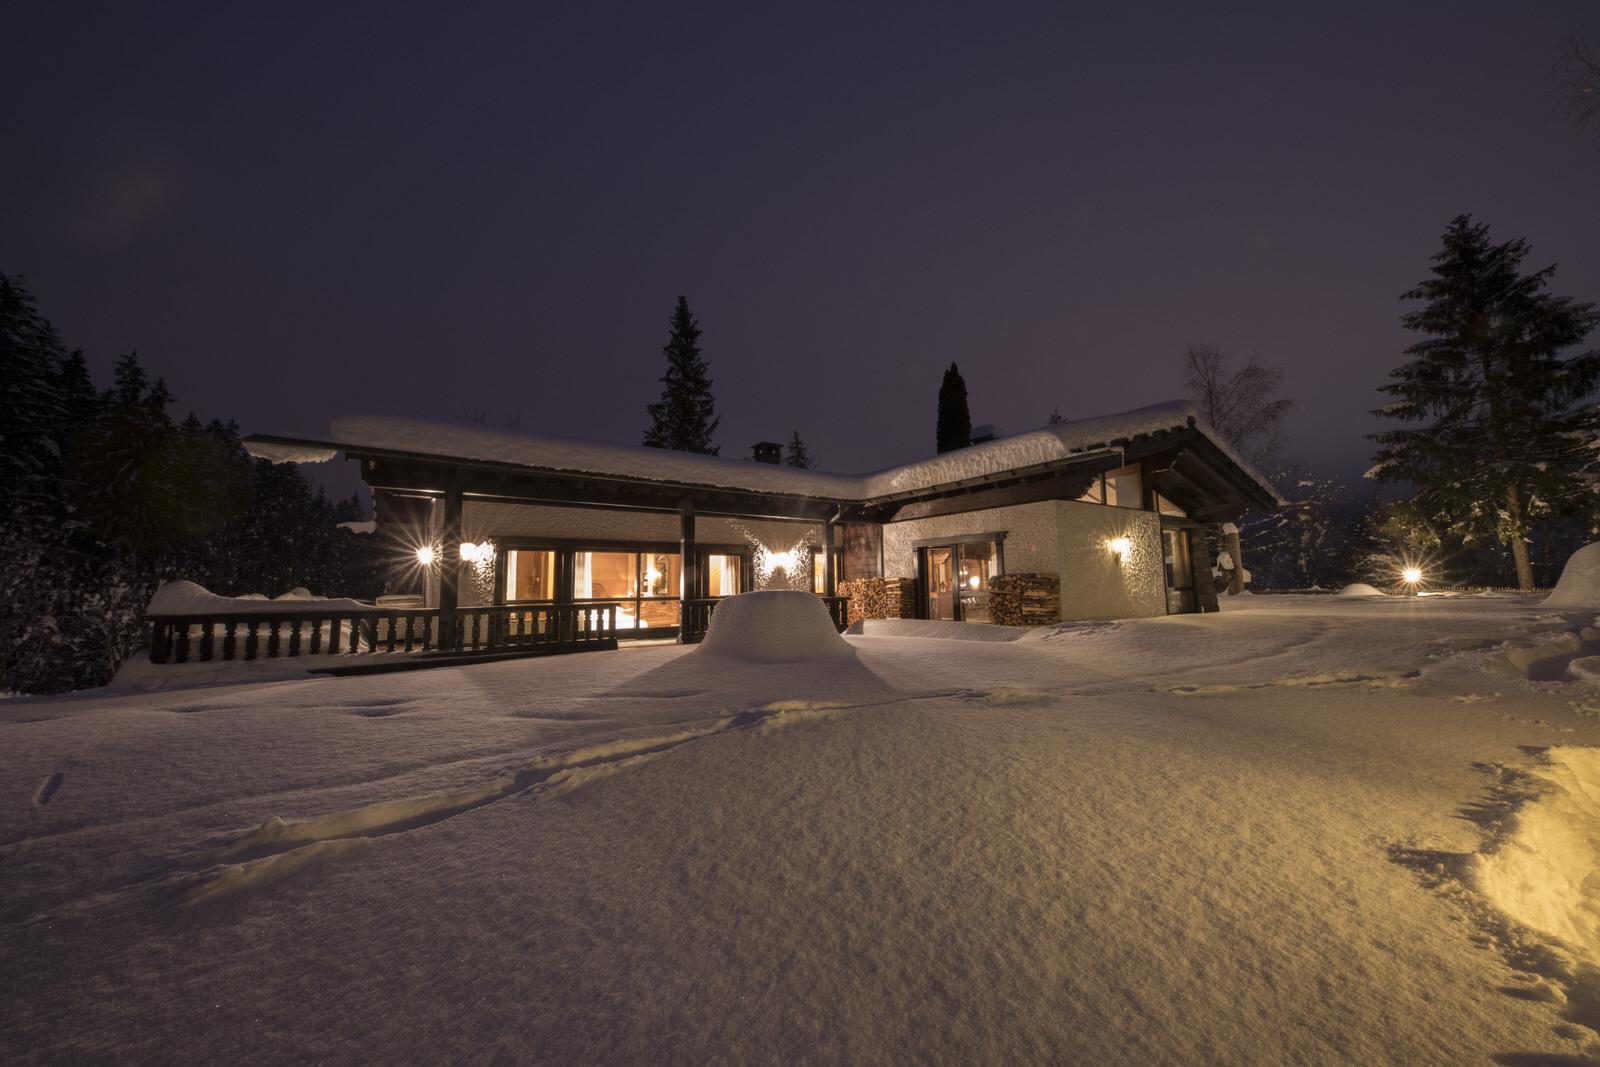 Rappakopf Forrest house in the Montafon - winter